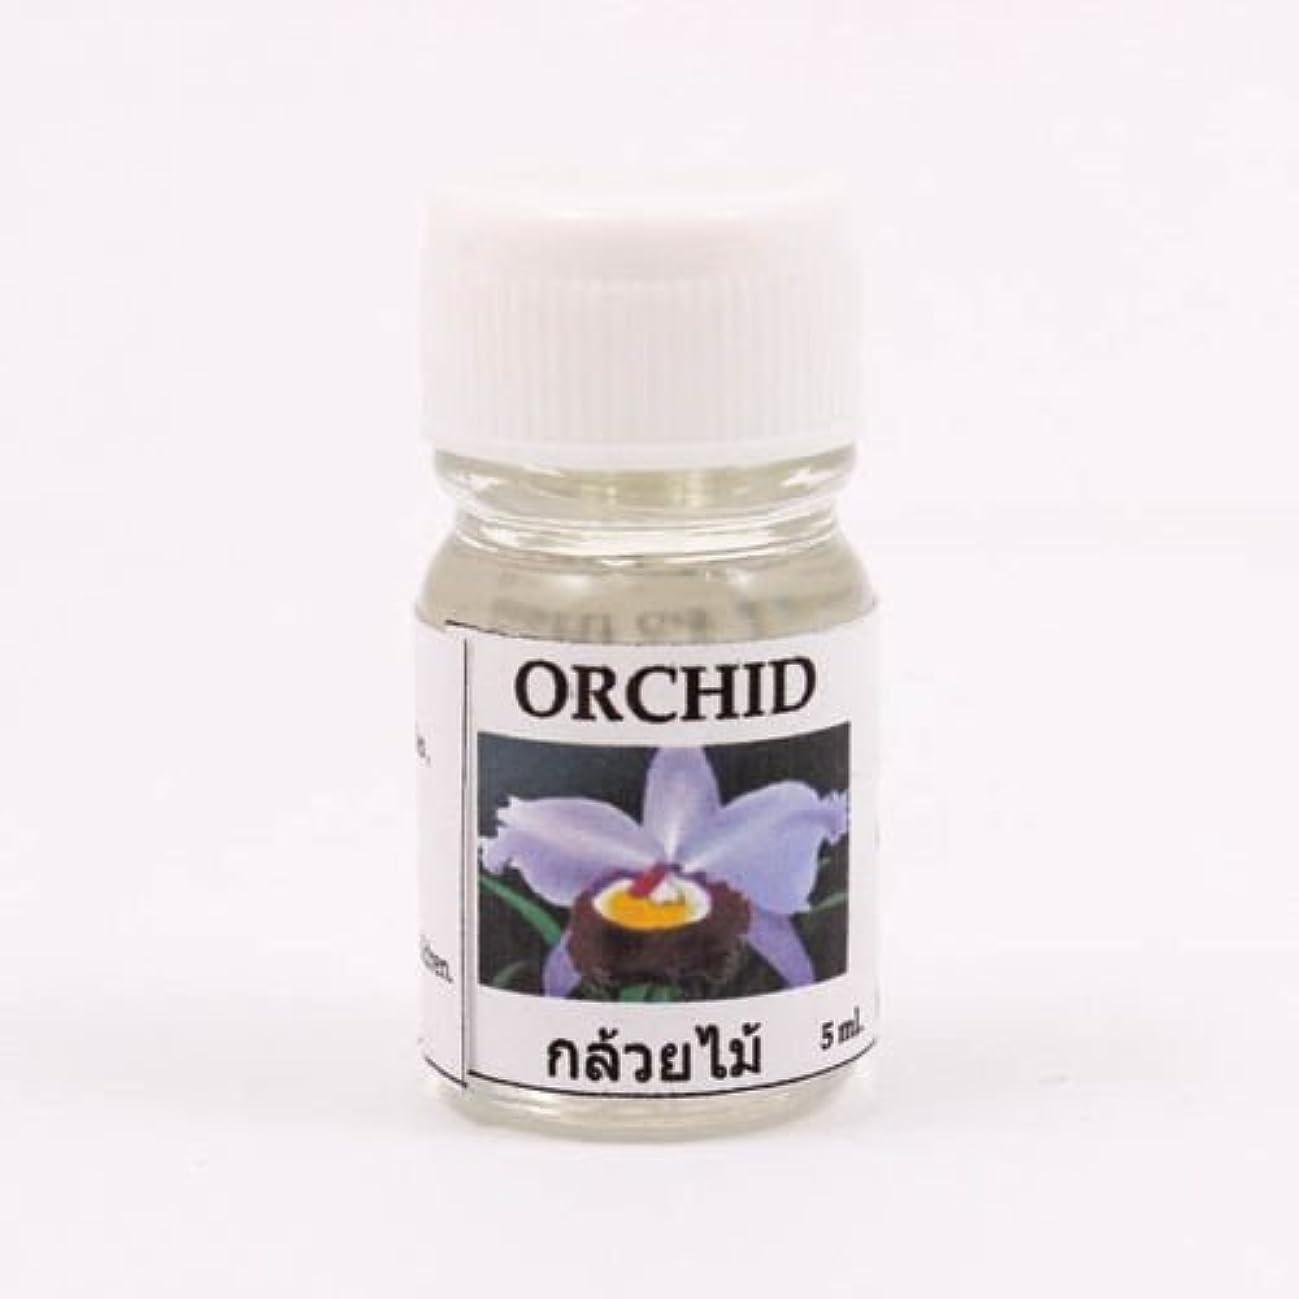 首魅力的であることへのアピールソフィー6X Orchid Aroma Fragrance Essential Oil 5ML. (cc) Diffuser Burner Therapy